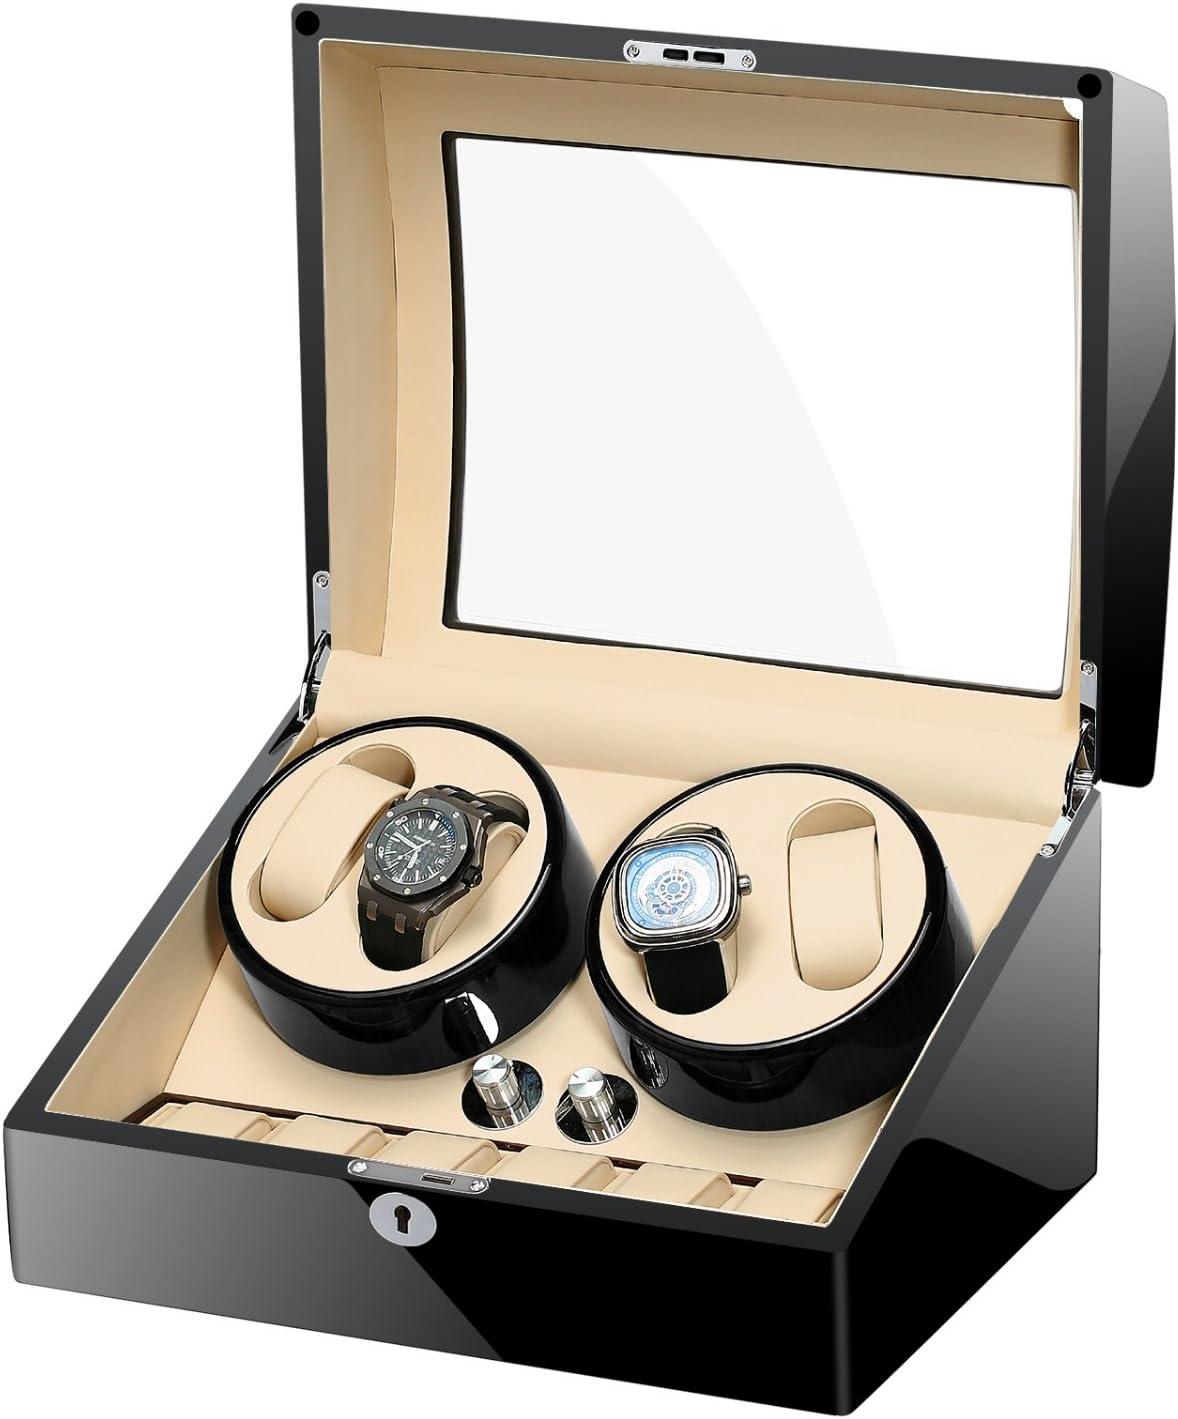 MIRANQAN Caja giratoria para Relojes automatico Watch Winder Madera de Almacenamiento 4 +6 Reloj de Pulsera-Aduana de Lujo (Color Raro), 01: Amazon.es: Hogar